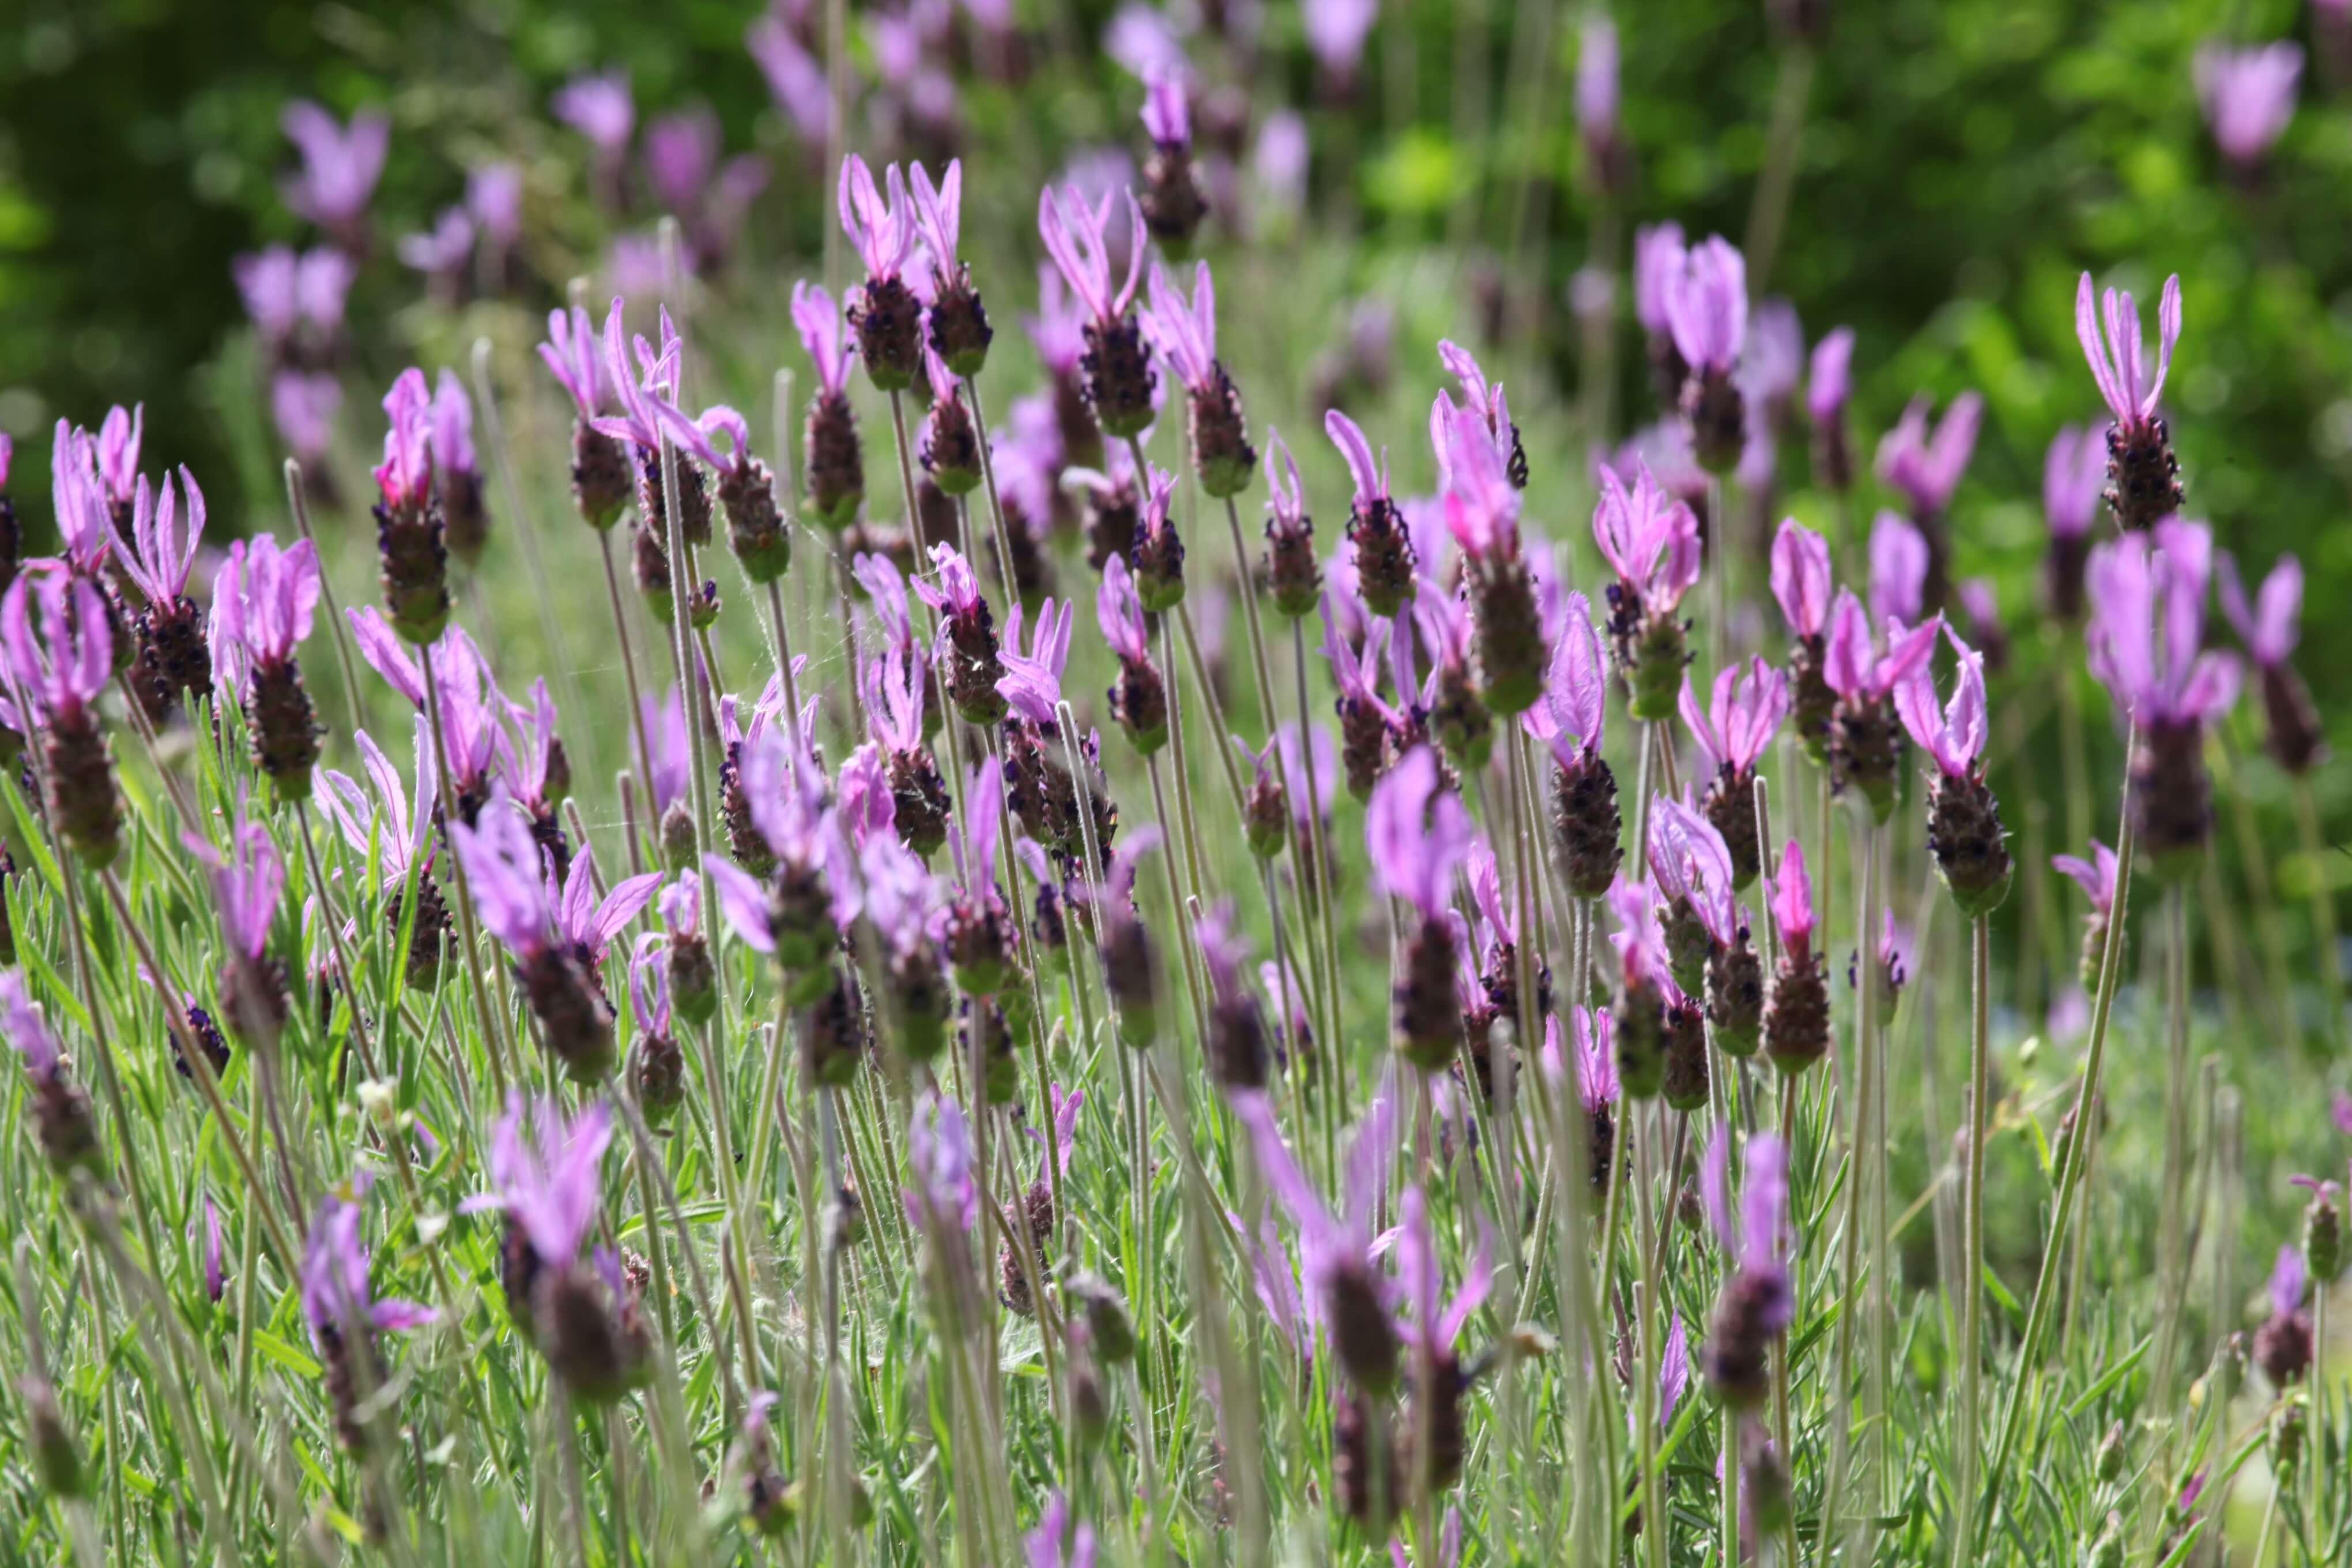 Como cuidar la lavanda latest adems de su dulce perfume for Lavanda cultivo o cuidados